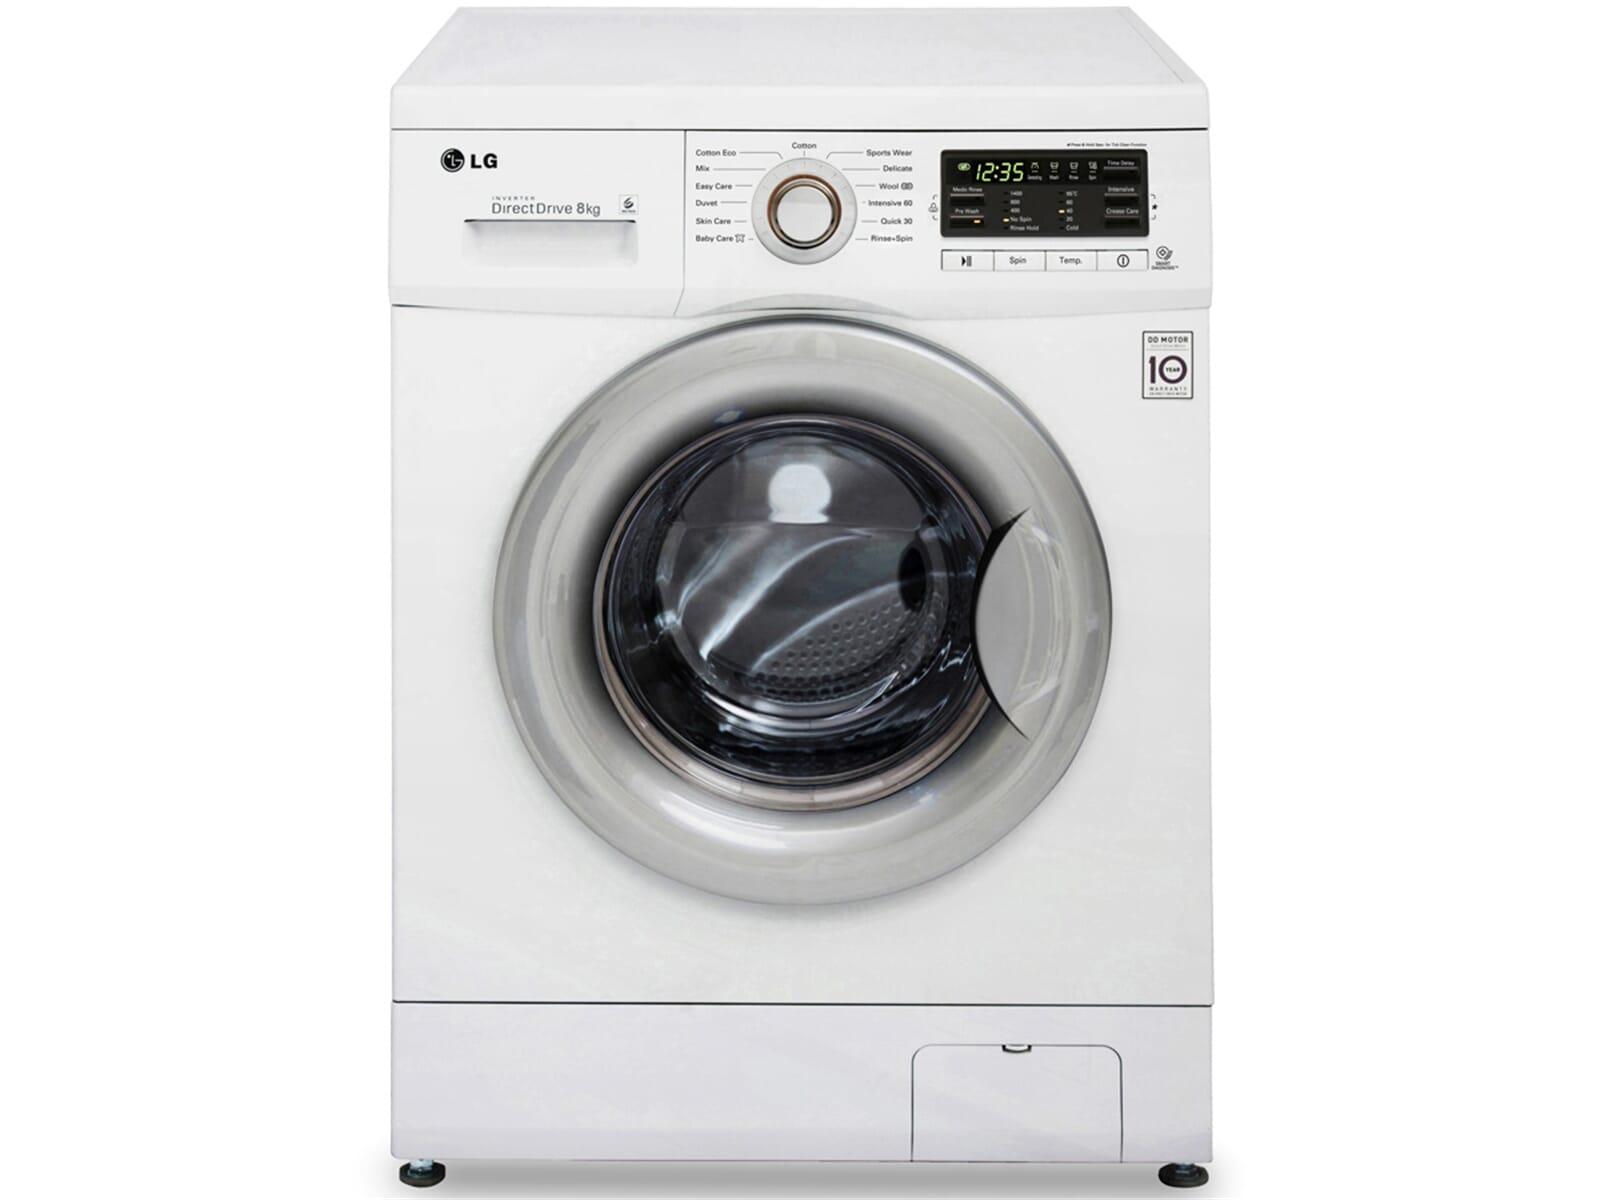 3 kg waschmaschine von moebelplus preisvergleiche. Black Bedroom Furniture Sets. Home Design Ideas